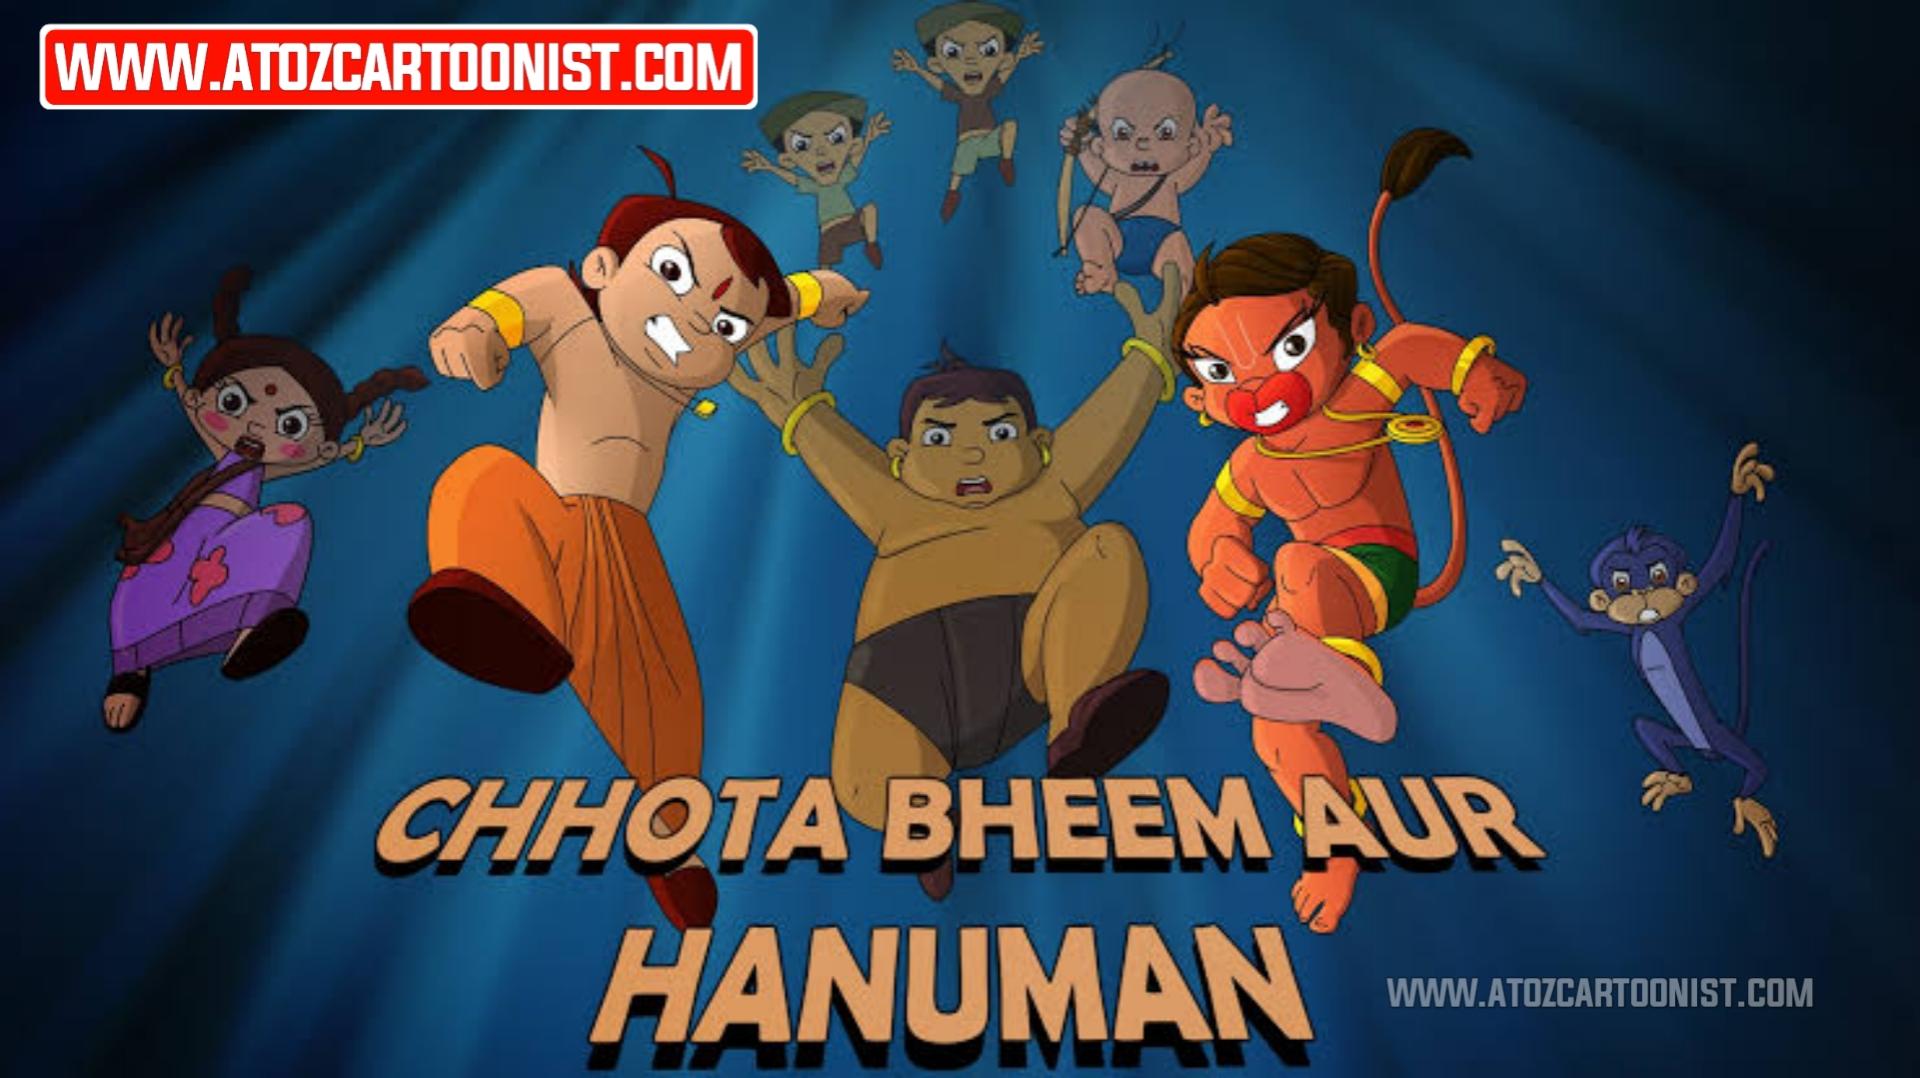 CHHOTA BHEEM AUR HANUMAN FULL MOVIE IN HINDI DOWNLOAD (480P, 720P & 1080P)